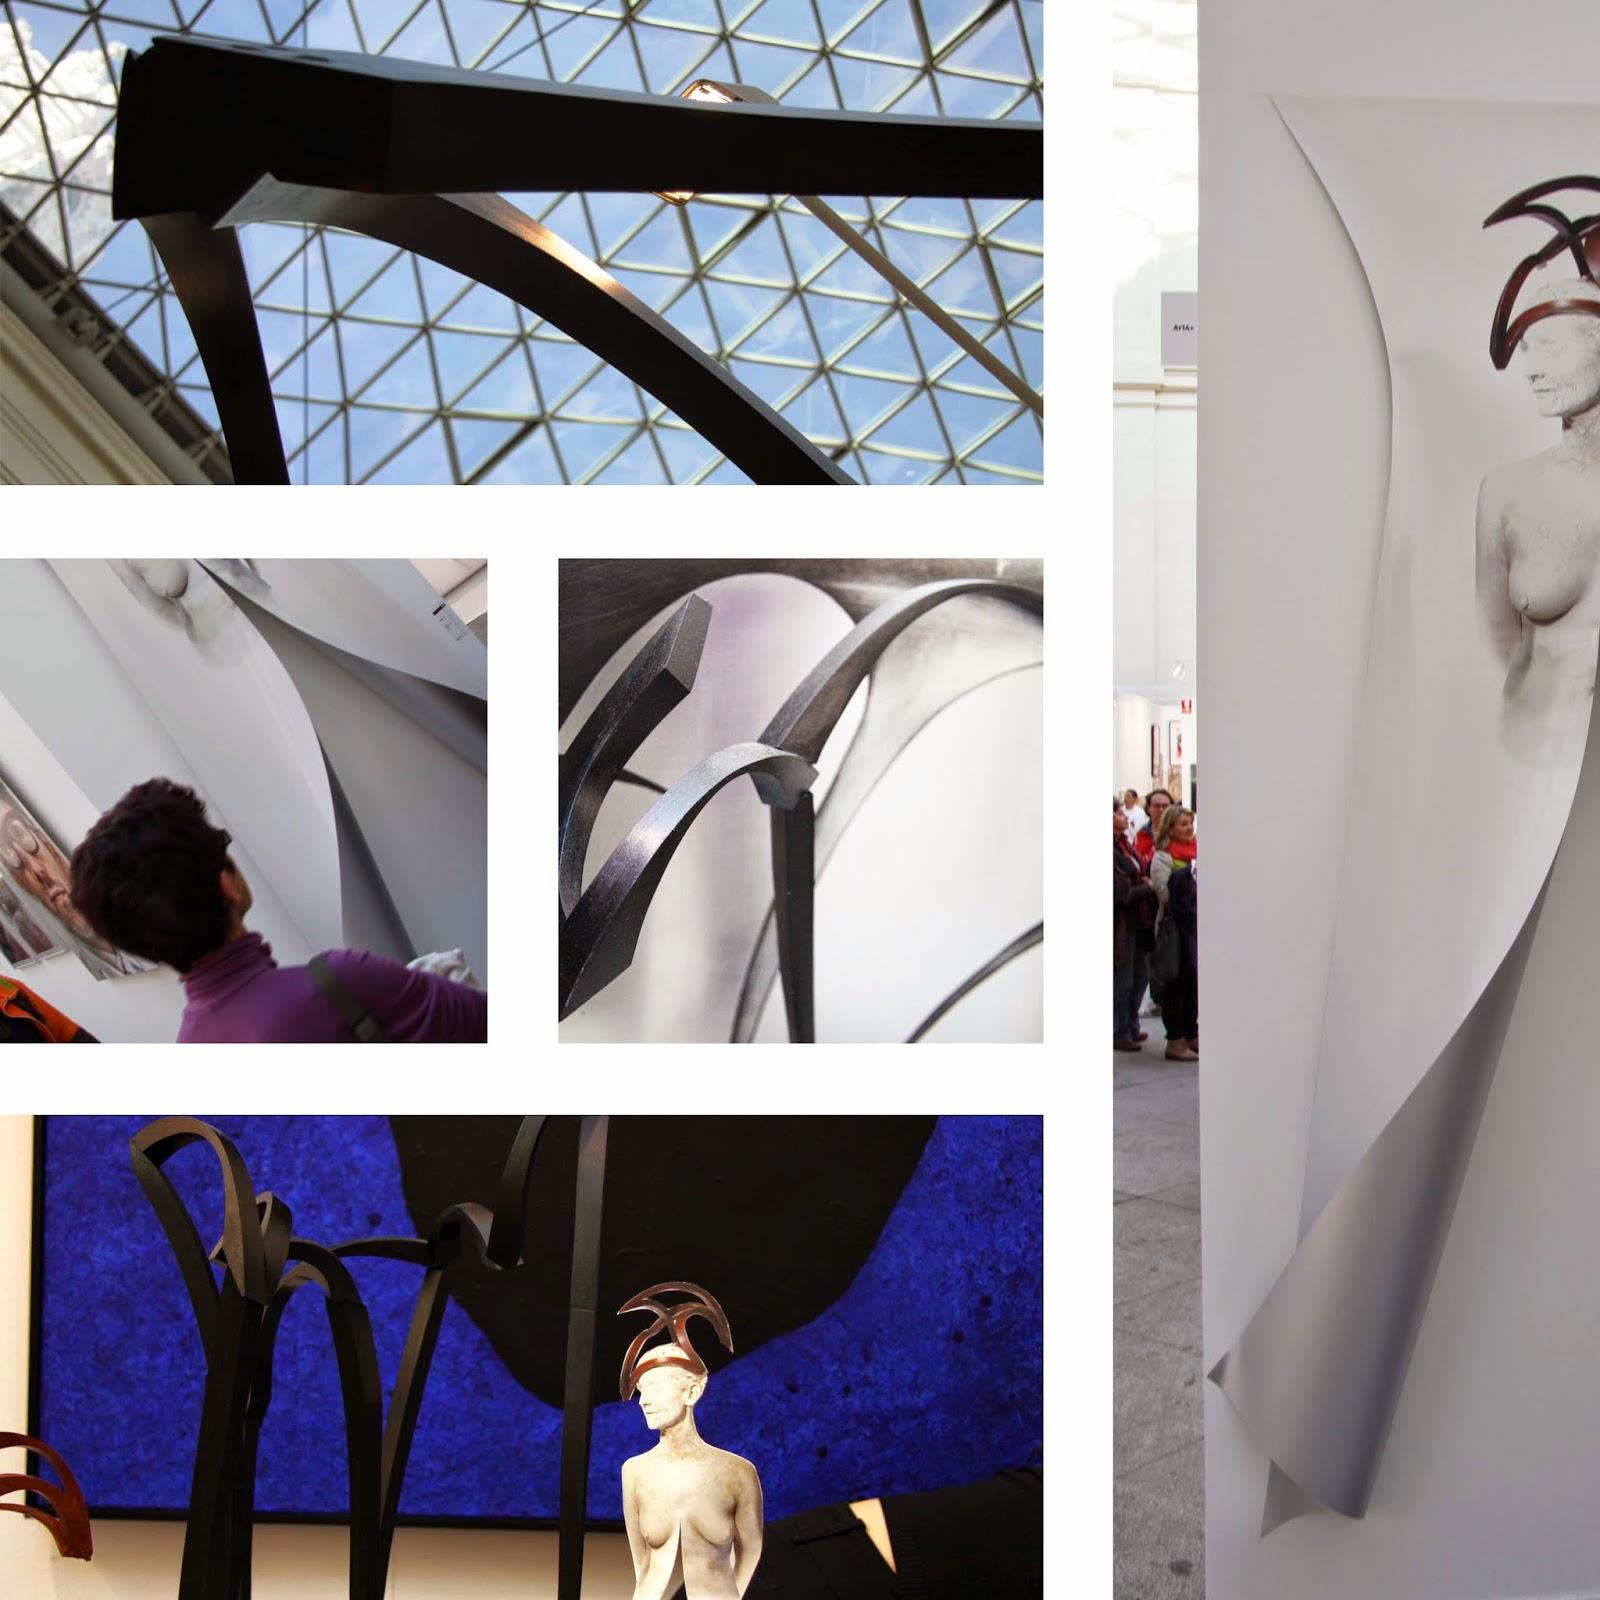 Mar solis escultura art madrid 2014 - Clorofila digital madrid ...